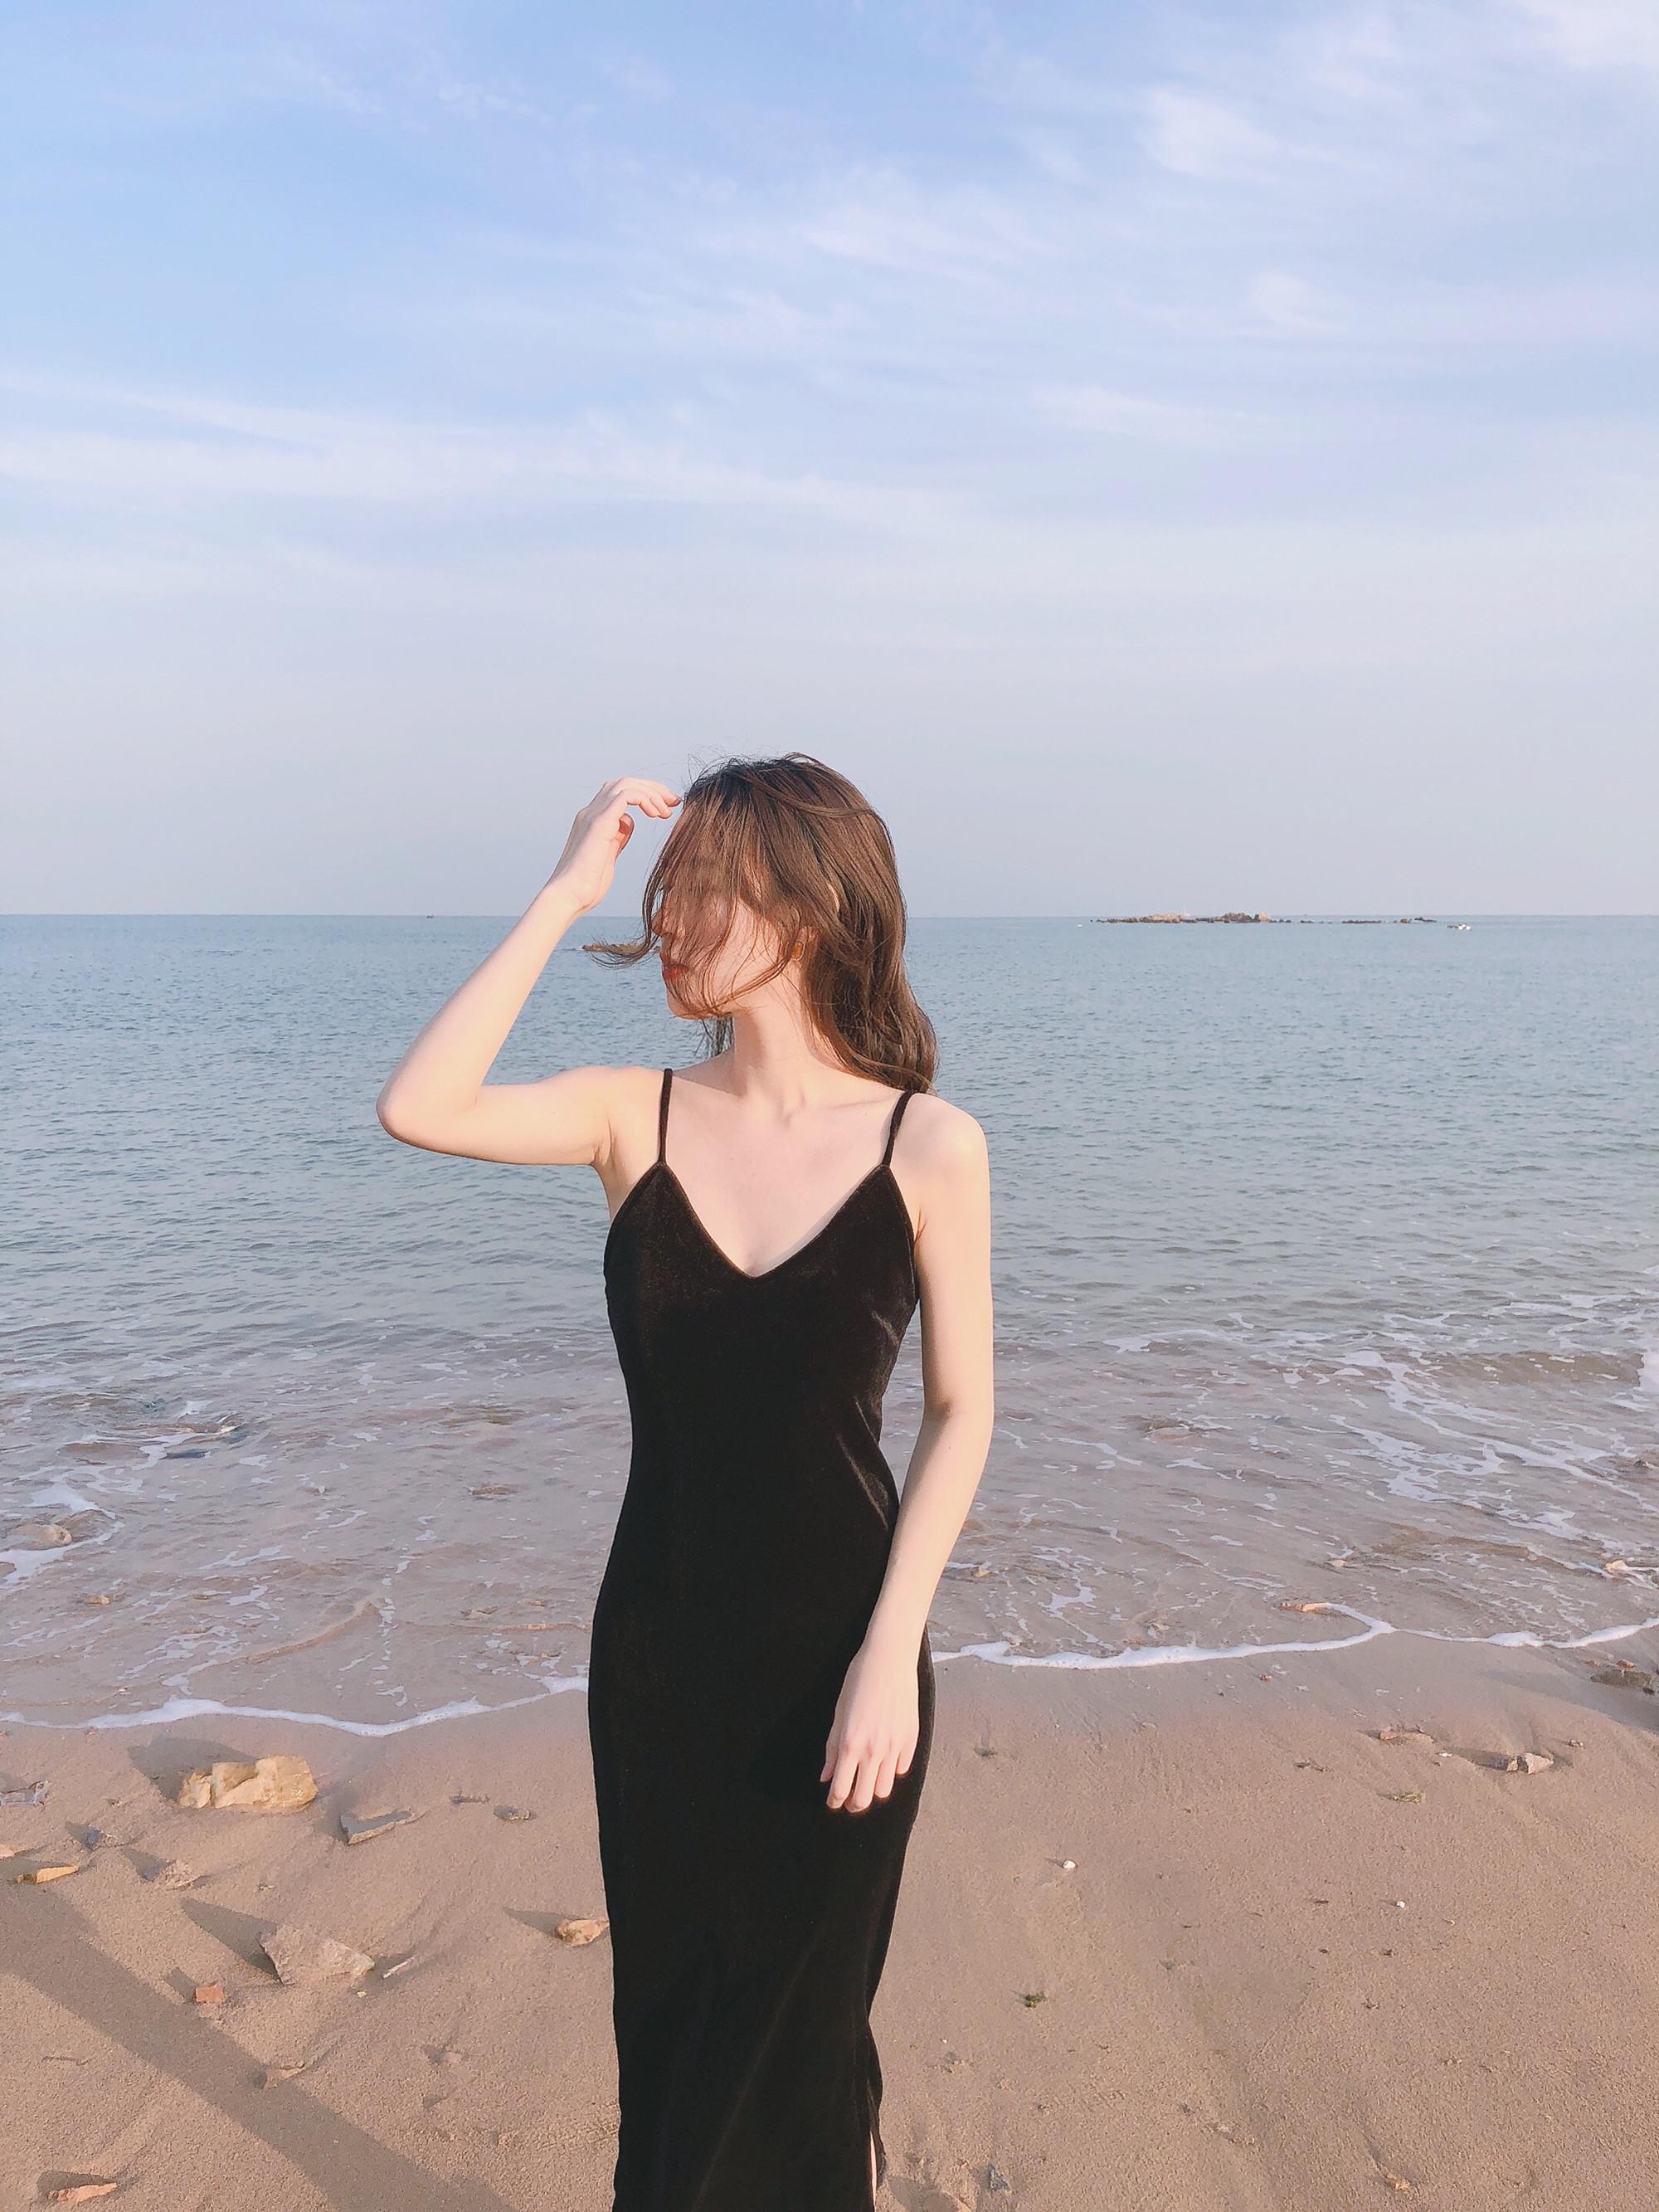 20春夏复古性感法式赫本修身侧开叉显瘦丝绒包臀小黑裙吊带连衣裙